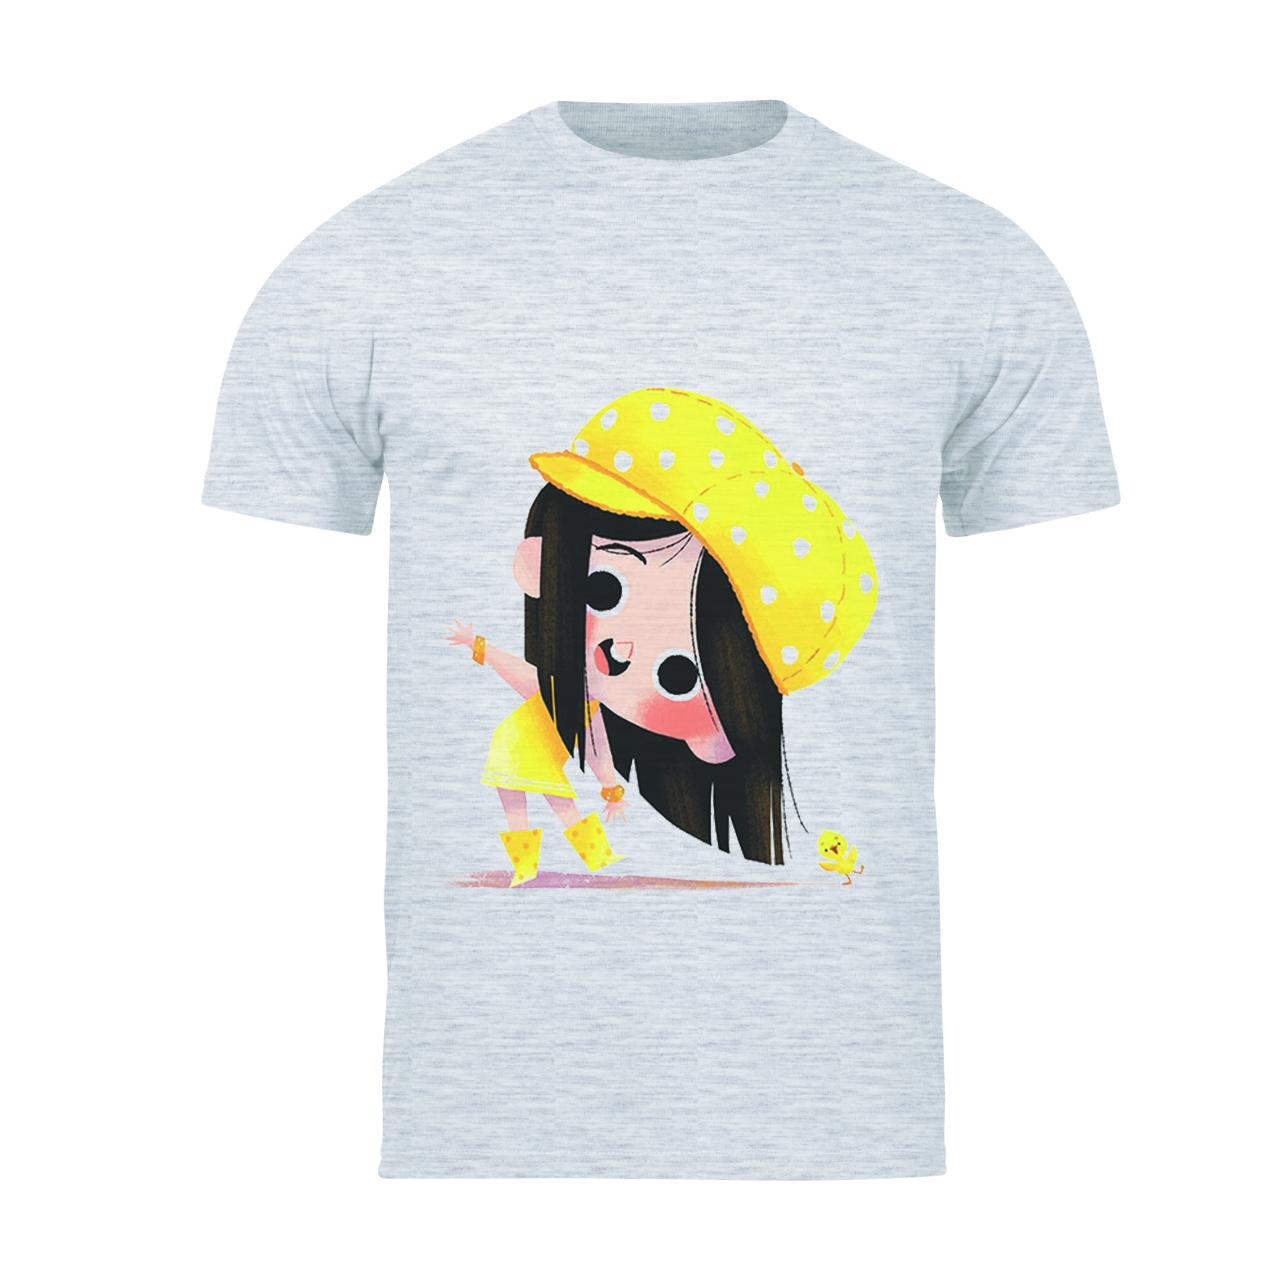 تیشرت آستین کوتاه دخترانه طرح دخترک کد 138 TM